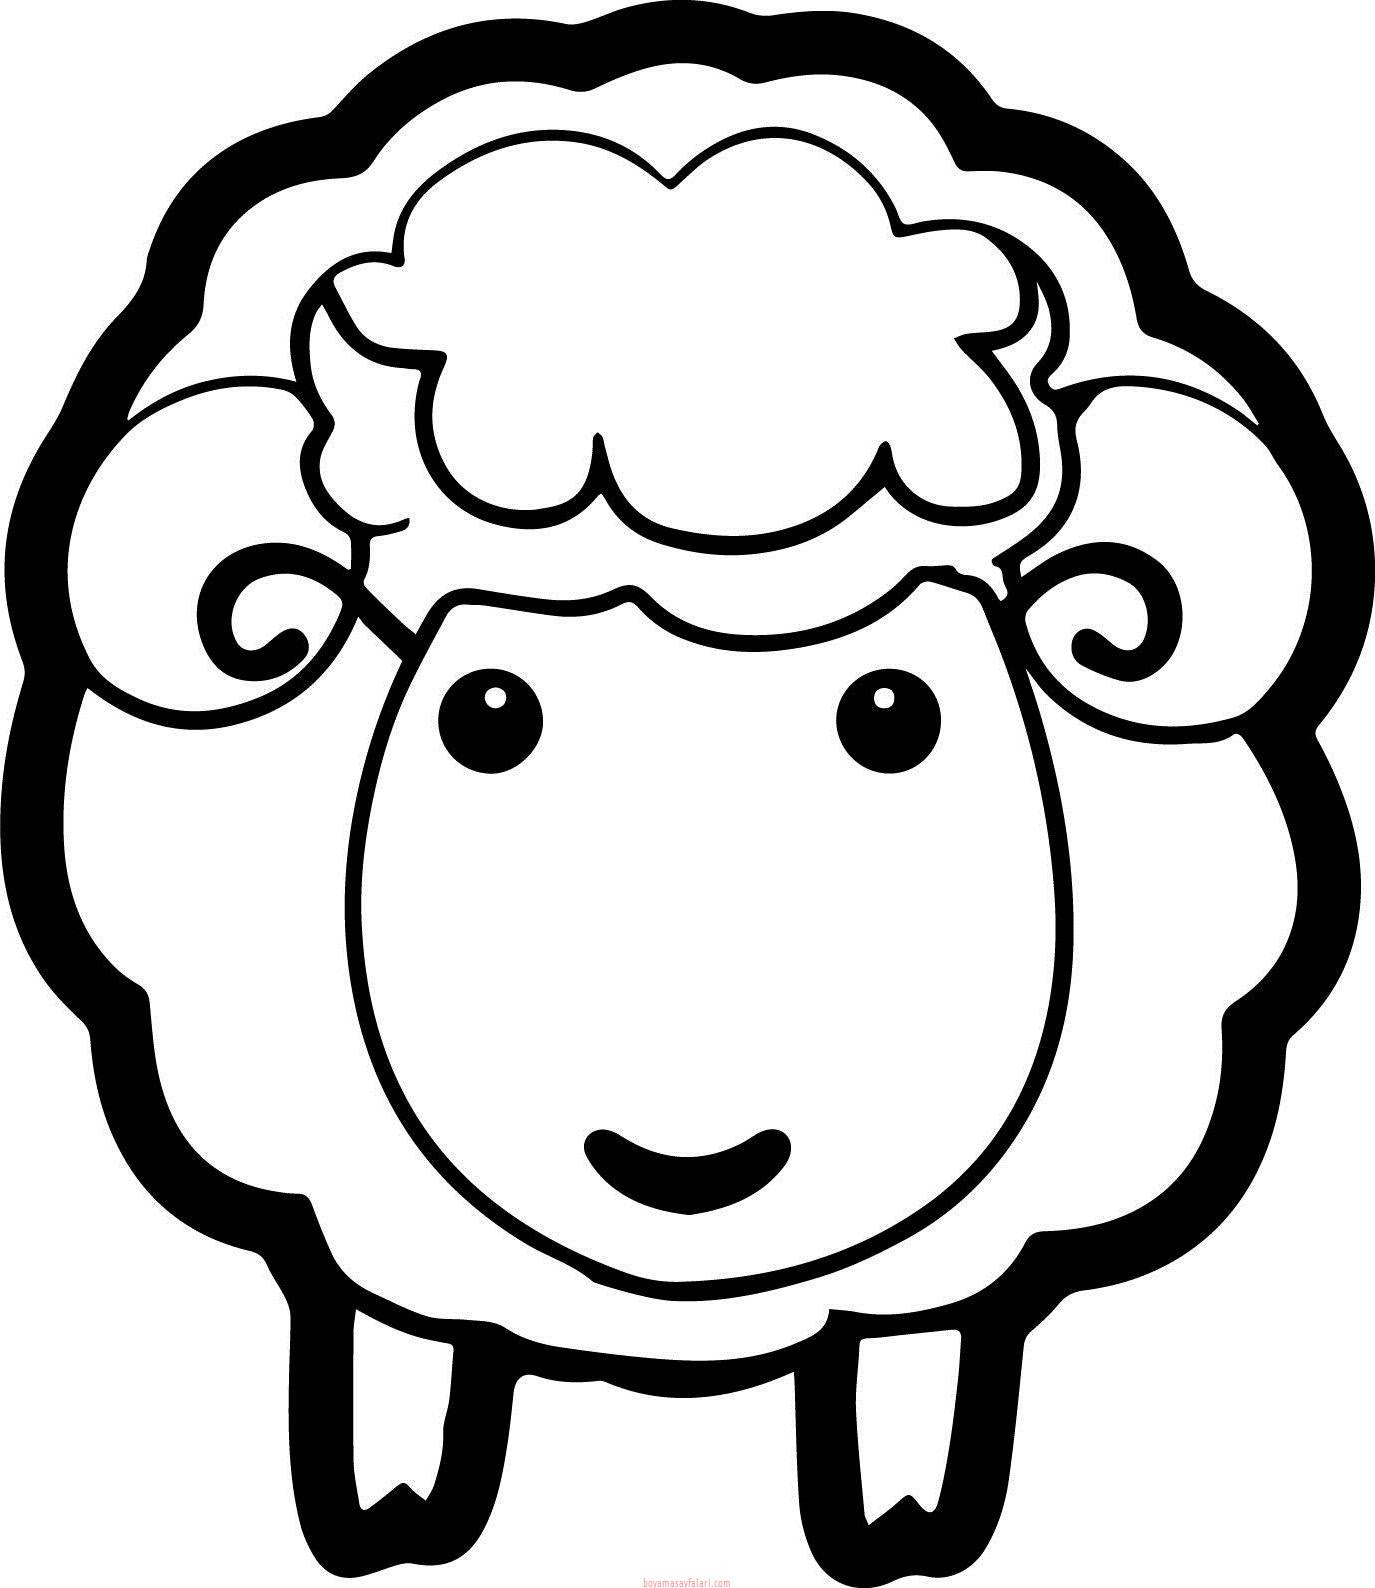 Koyun Boyama 8 Sınıf öğretmenleri Için ücretsiz özgün Etkinlikler